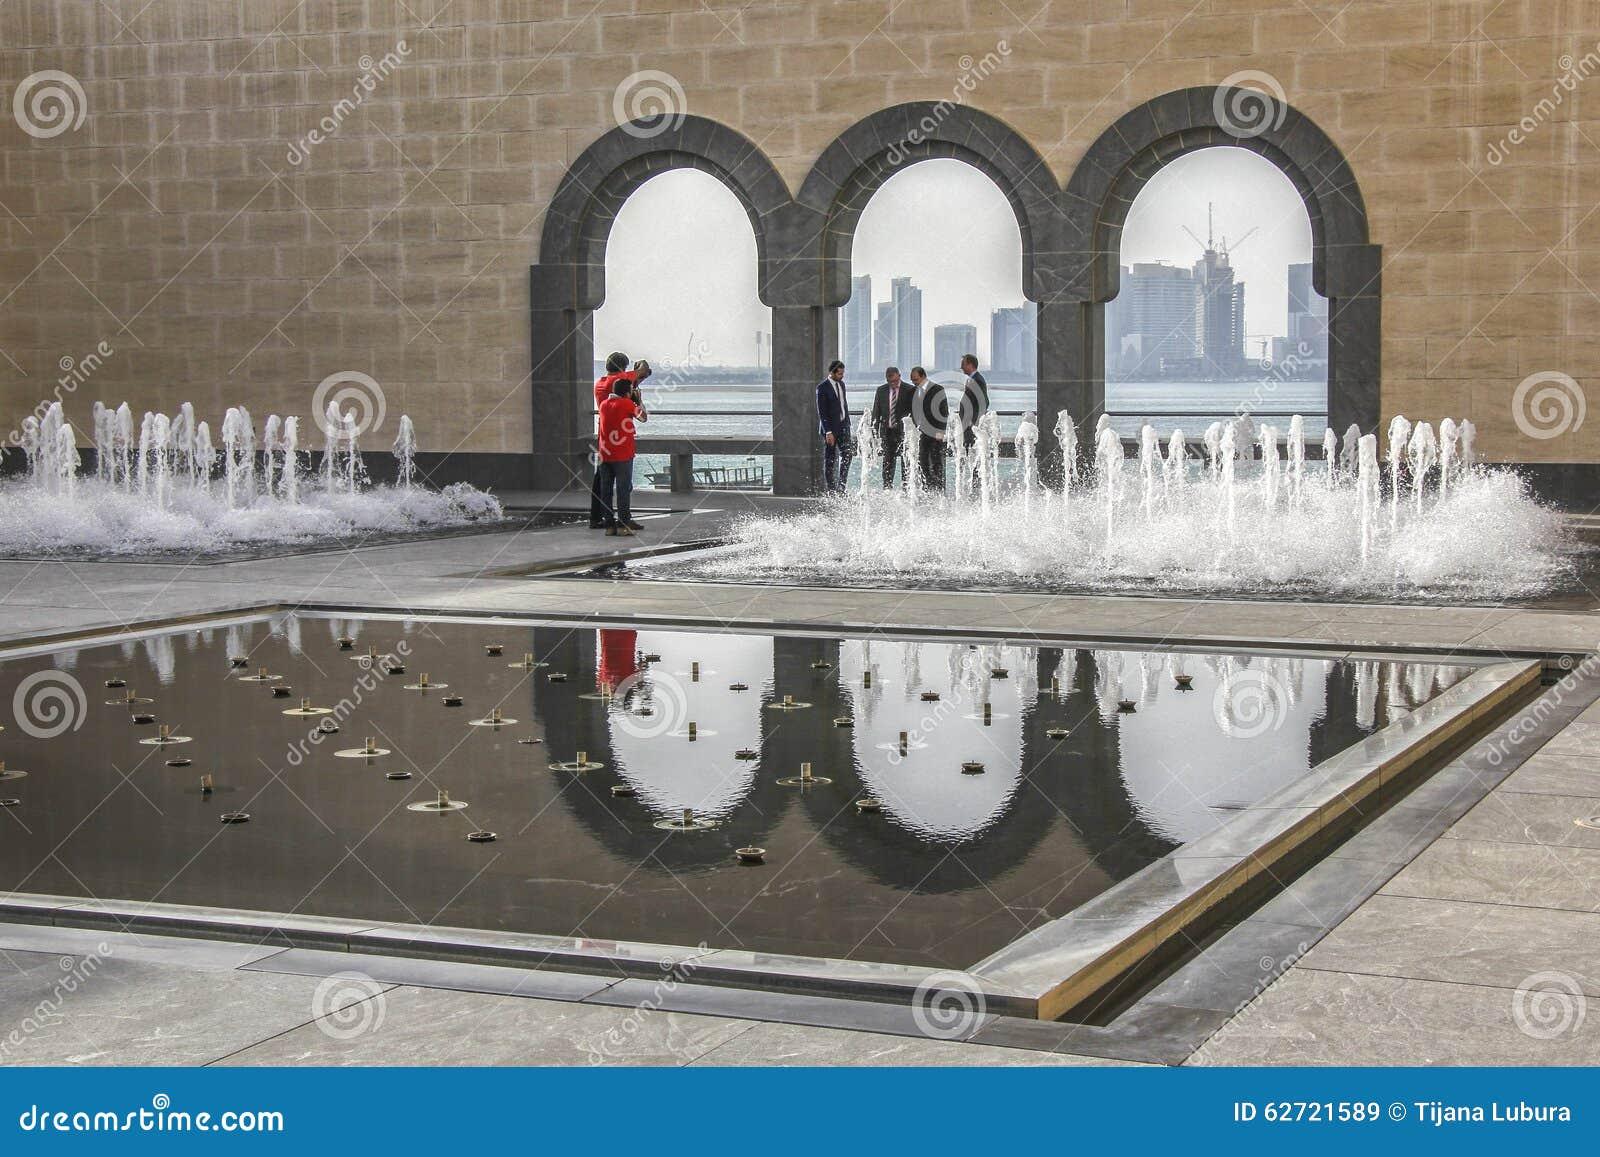 Museo islámico exterior en Doha